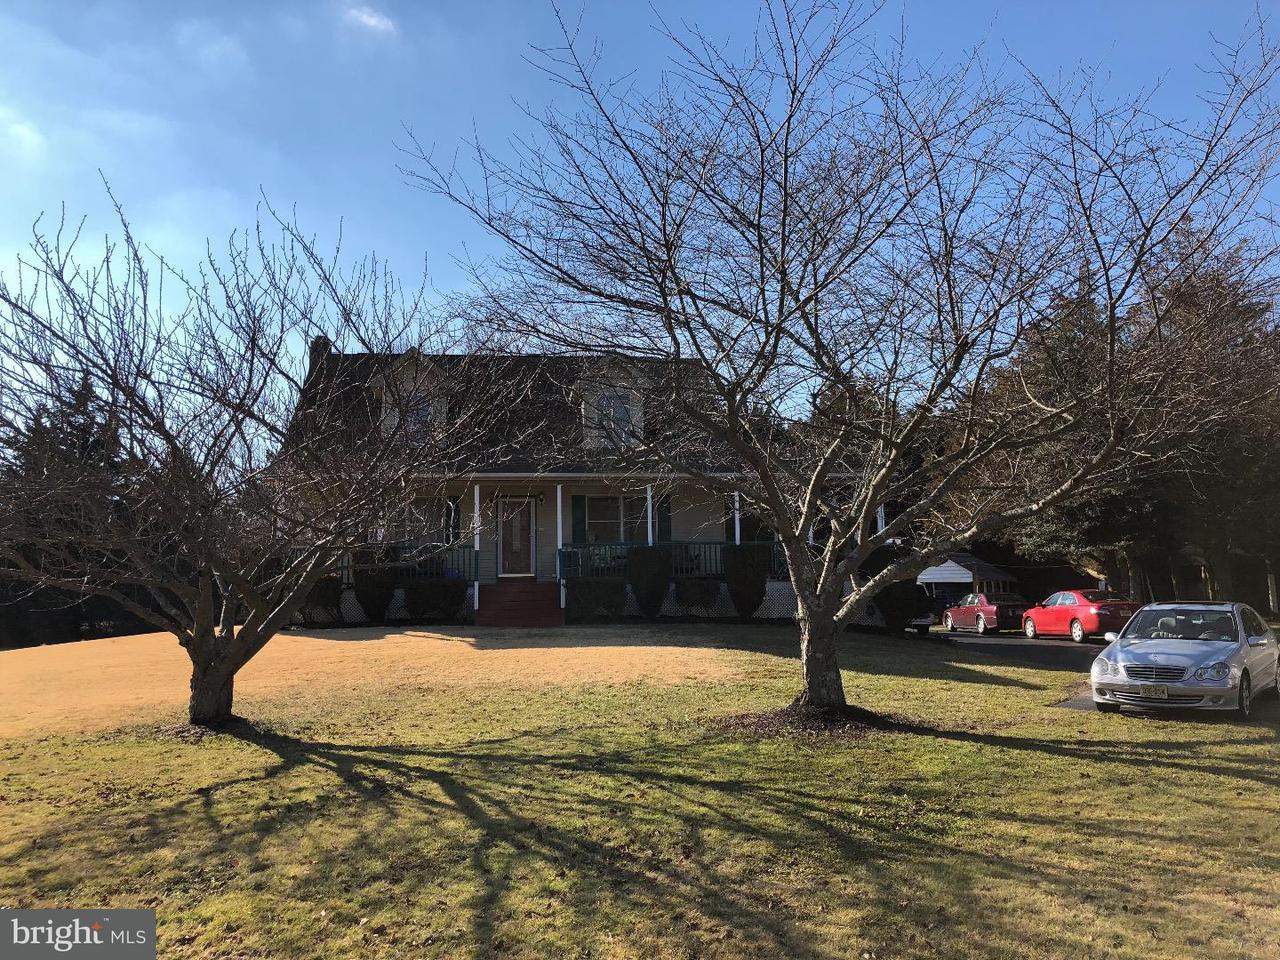 Частный односемейный дом для того Продажа на 1403 NORTH Avenue Port Norris, Нью-Джерси 08349 Соединенные Штаты